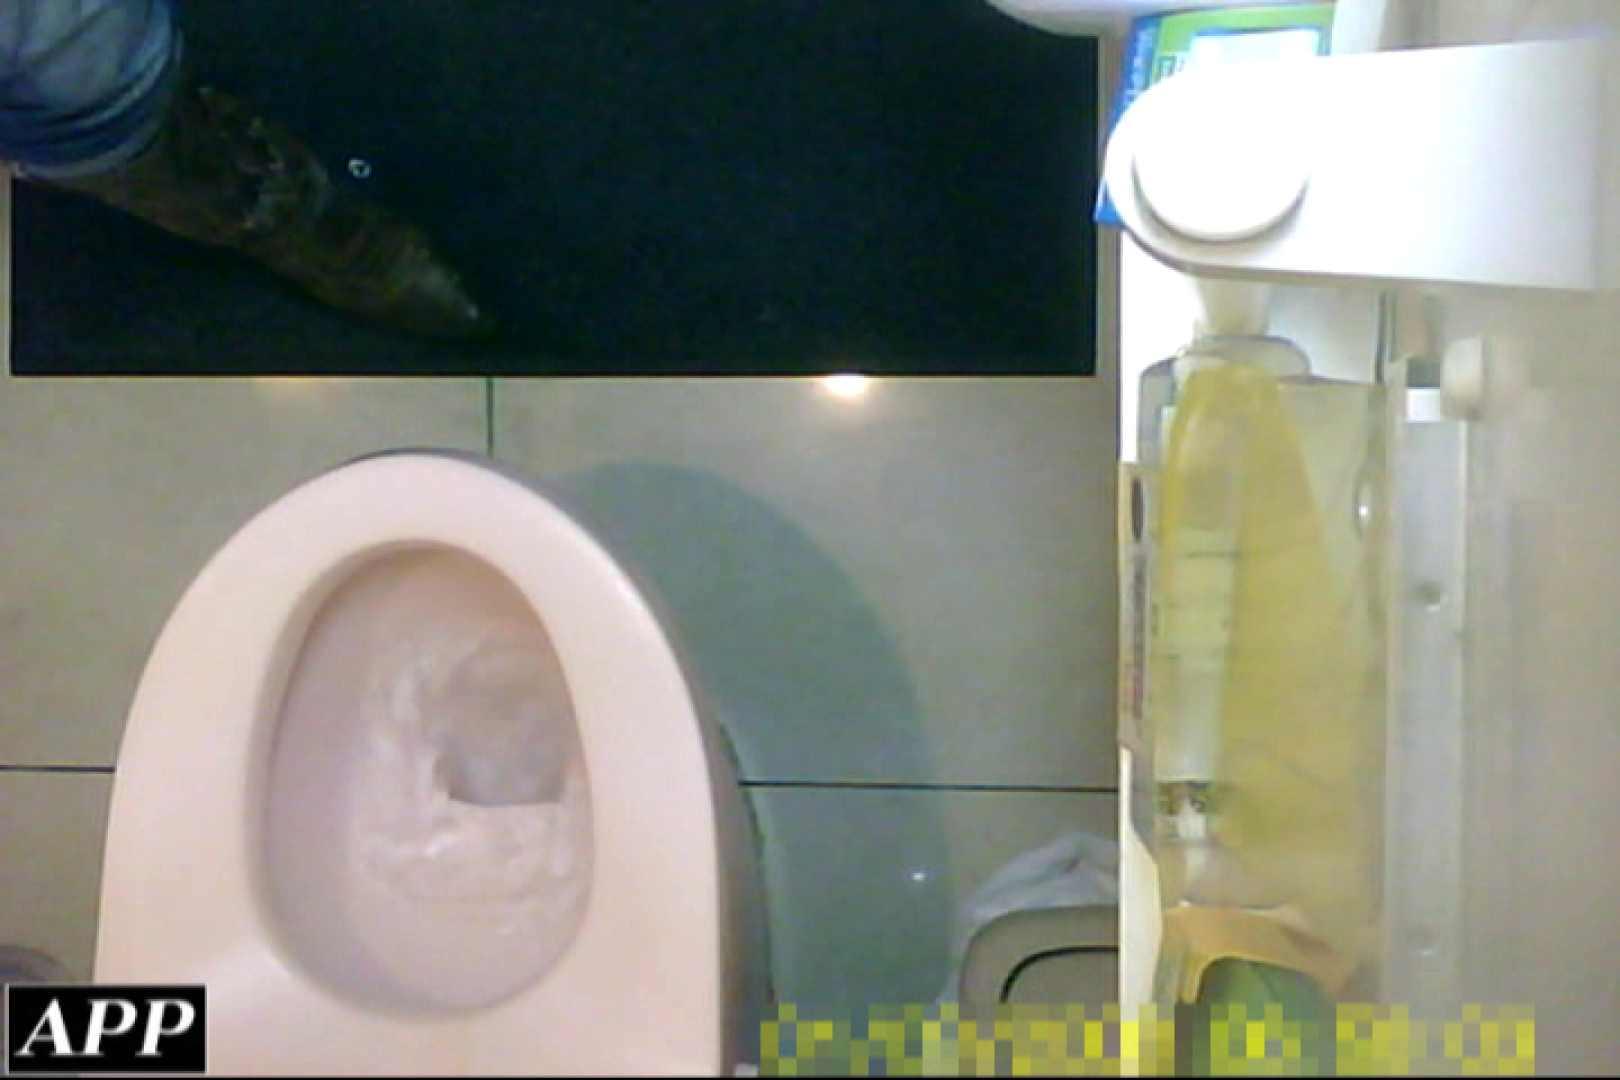 3視点洗面所 vol.37 肛門 オメコ動画キャプチャ 79PIX 17